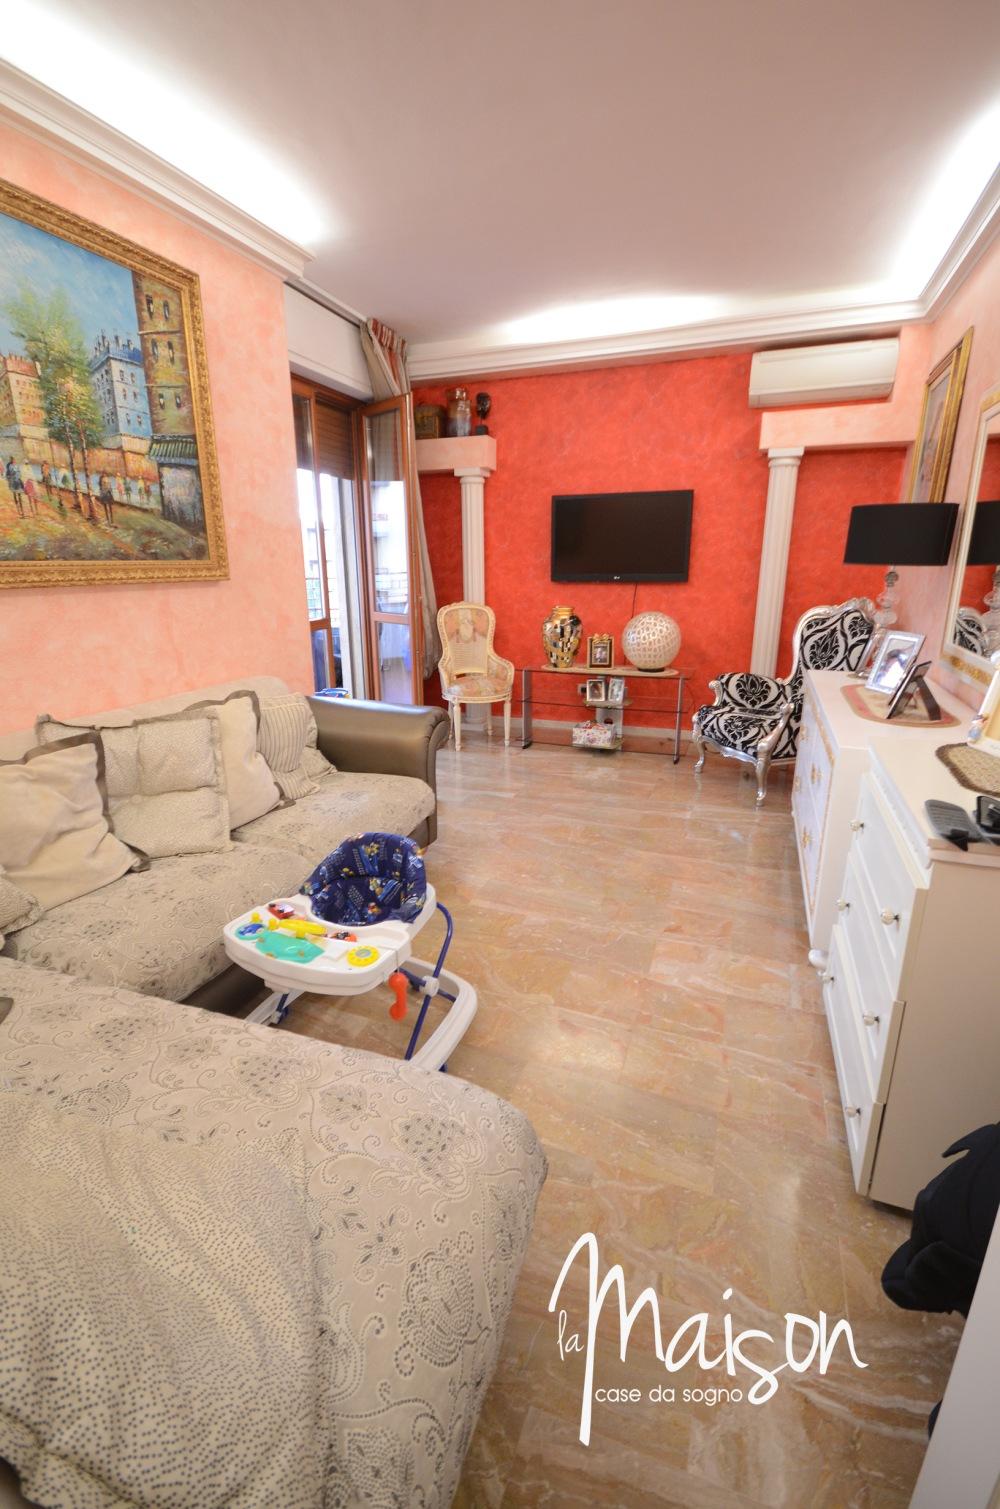 agenzia immobiliare santa lucia studio immobiliare santa lucia la maison case da sogno prato immobiliare la maison case da sogno agenzia la maison case da sogno prato appartamento san pa